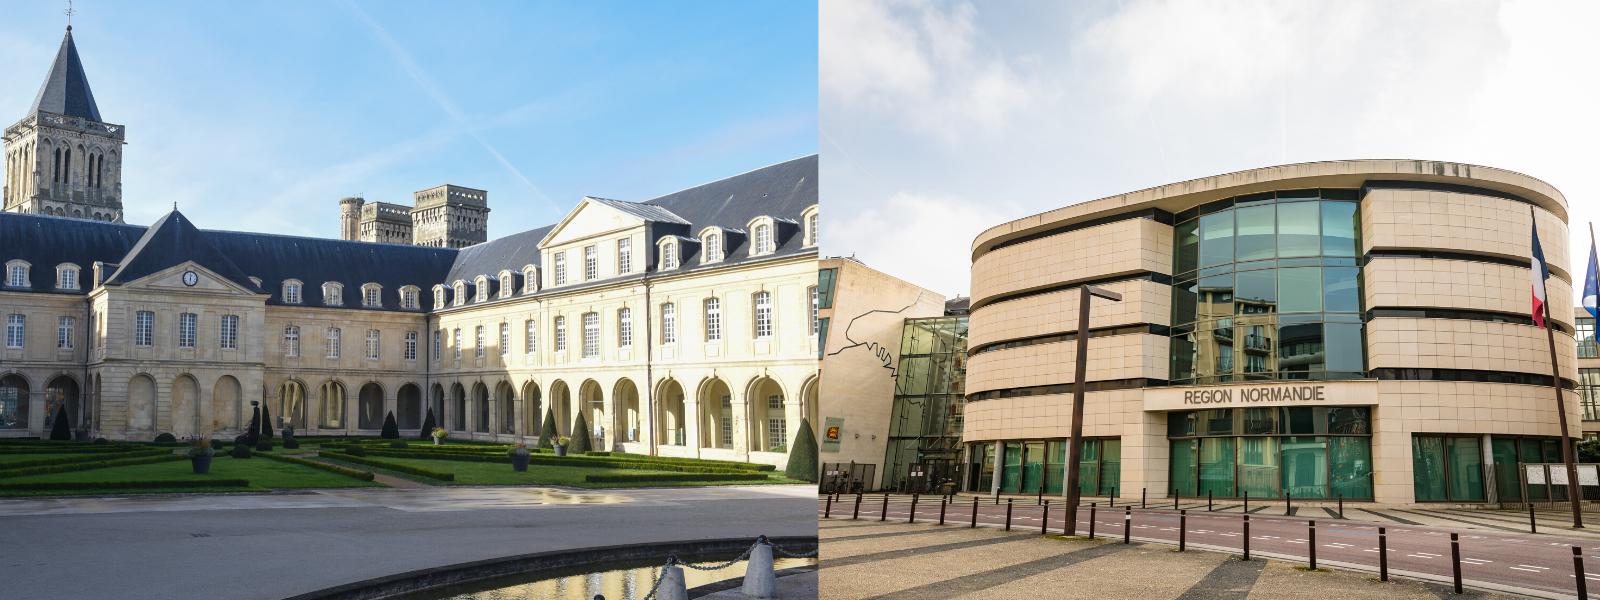 Hôtels de région_Région Normandie